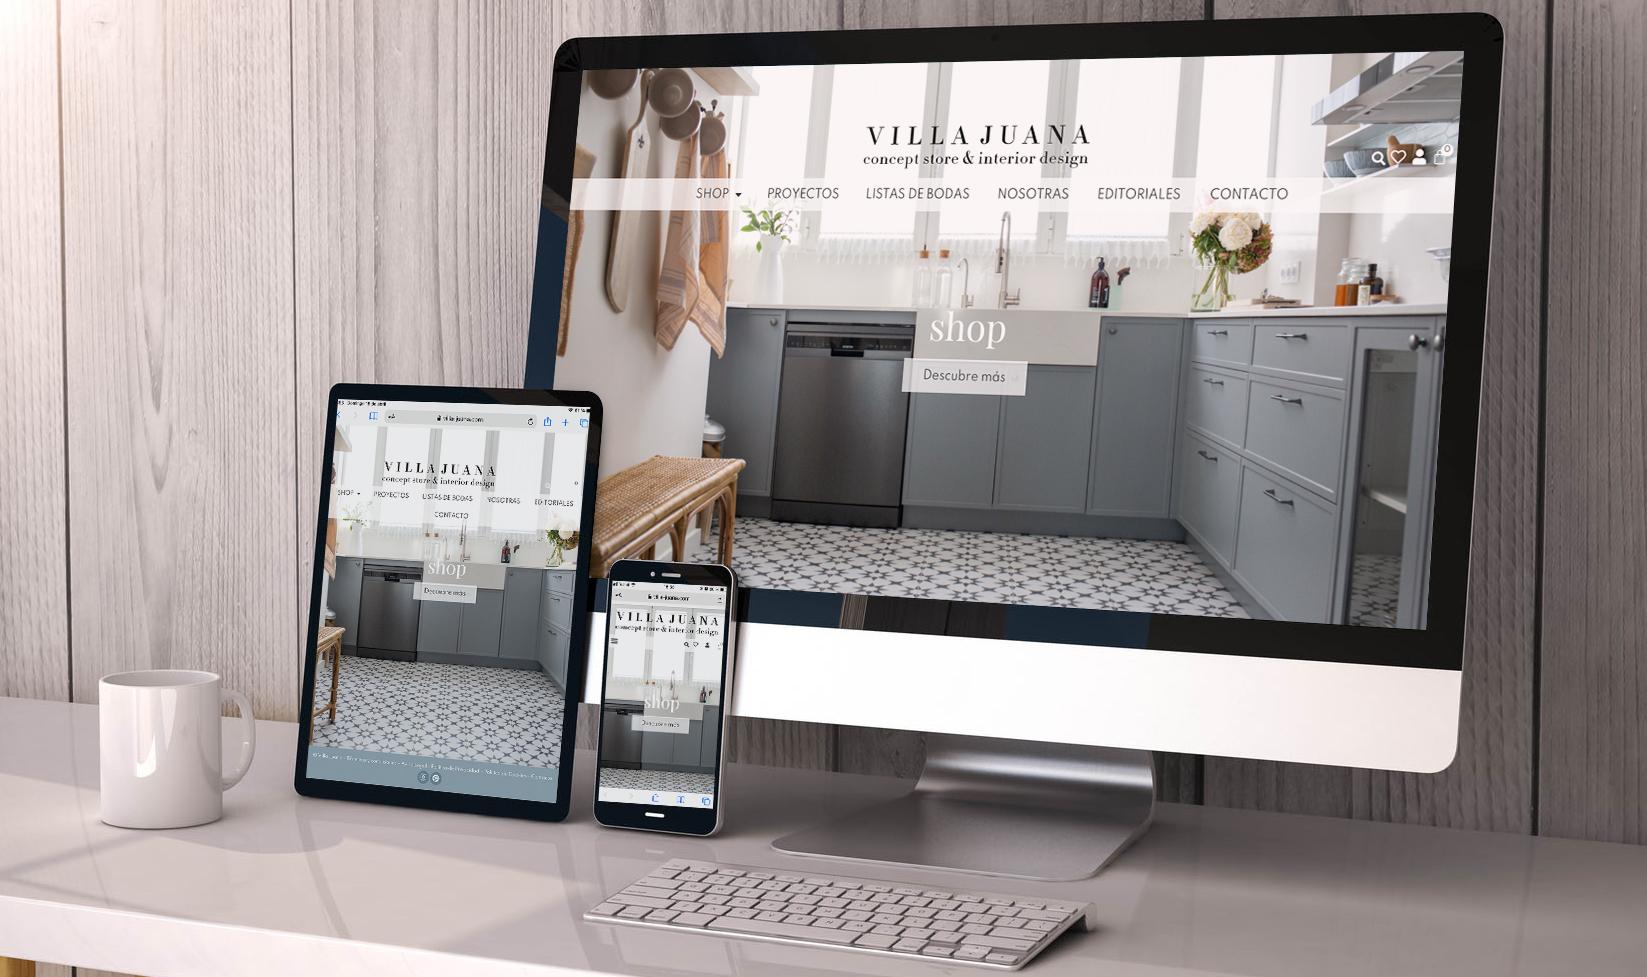 Diseño web villa-juana.com